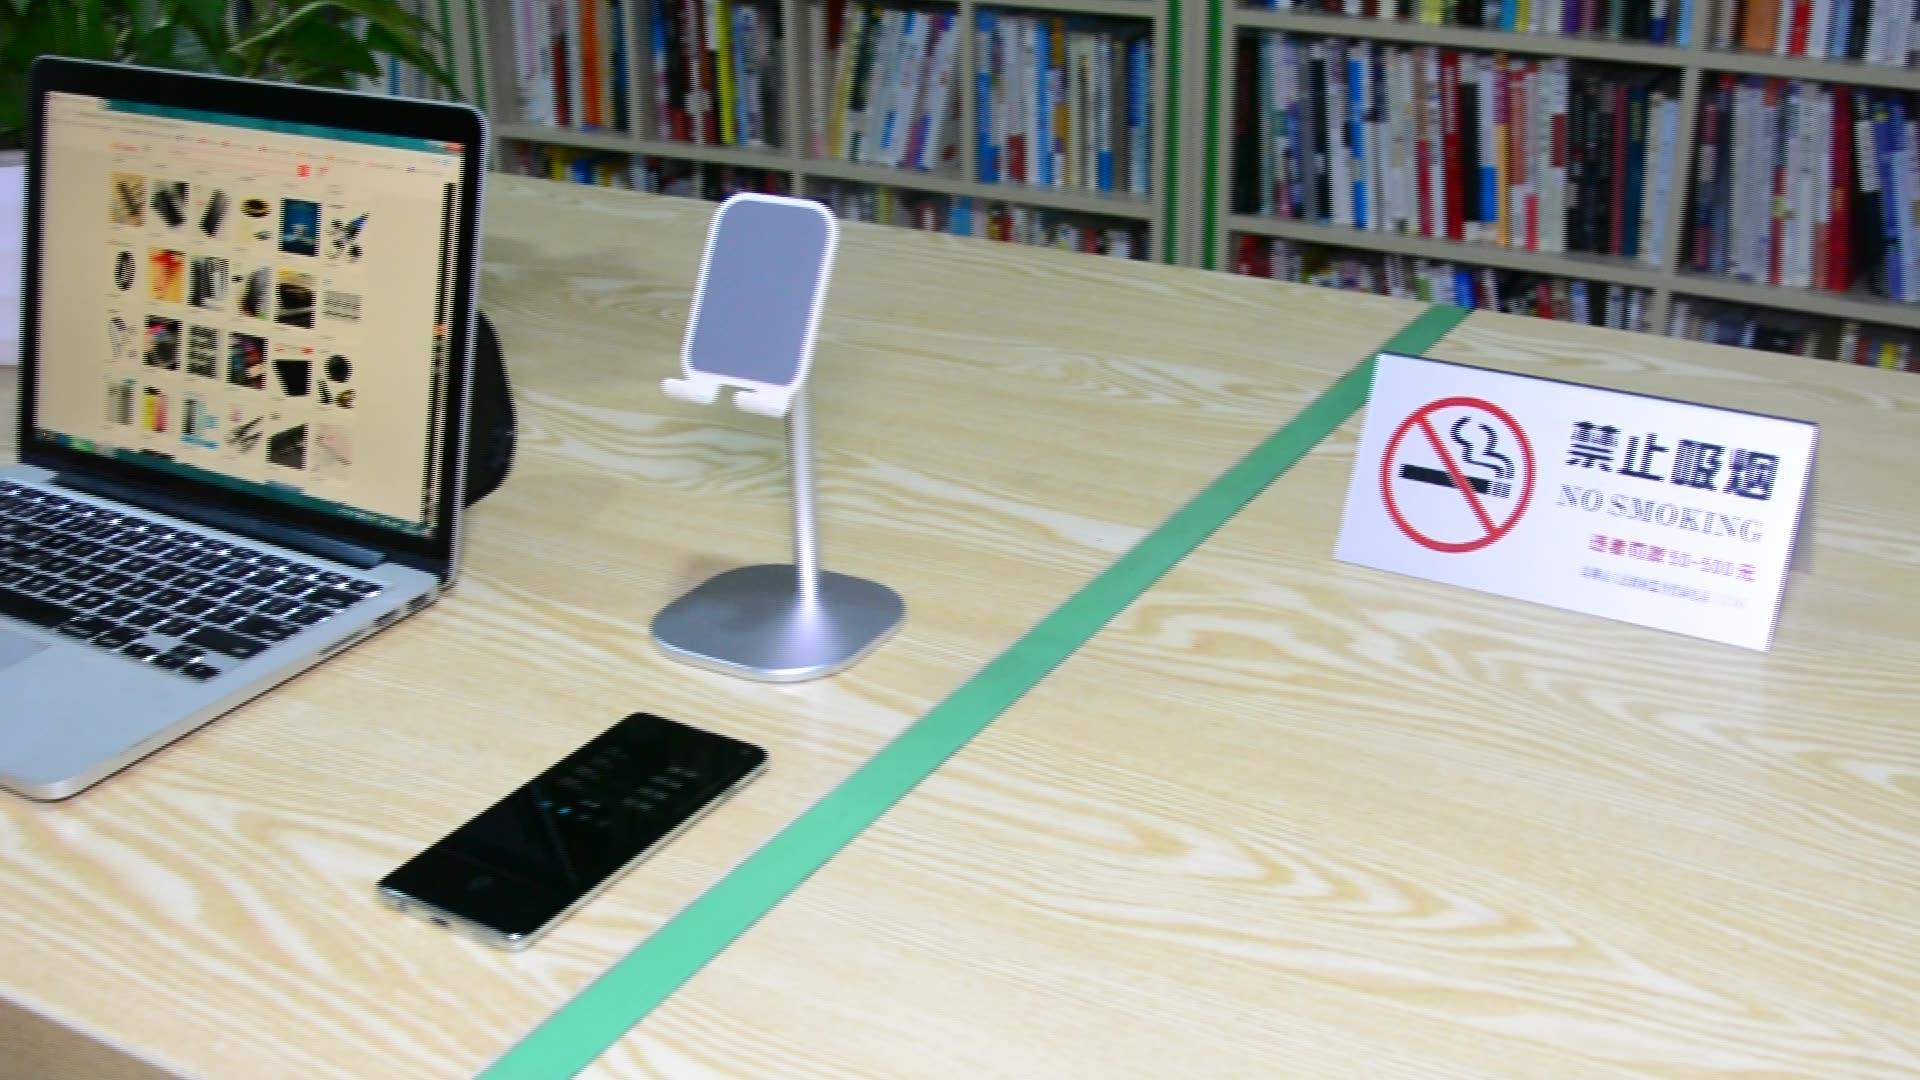 데스크탑 휴대 전화 홀더 스탠드 아이폰 셀 범용 조절 금속 책상 타블렛 홀더 iPad Pro